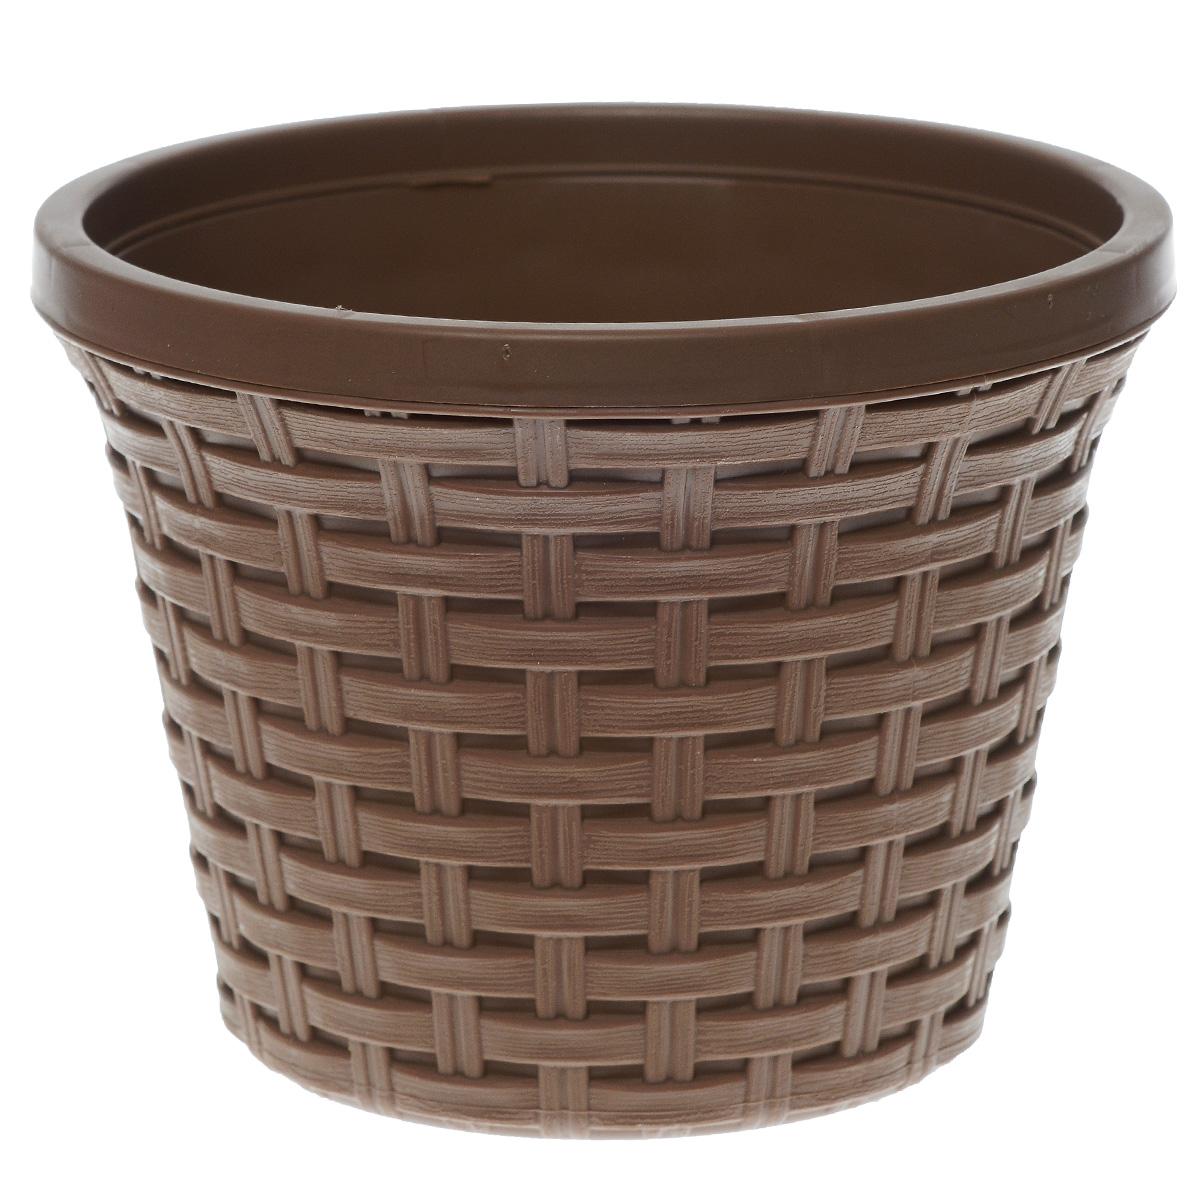 Кашпо Violet Ротанг, с дренажной системой, цвет: какао, 2,2 л32220/17Кашпо Violet Ротанг изготовлено из высококачественного пластика и оснащено дренажной системой для быстрого отведения избытка воды при поливе. Изделие прекрасно подходит для выращивания растений и цветов в домашних условиях. Лаконичный дизайн впишется в интерьер любого помещения. Объем: 2,2 л.